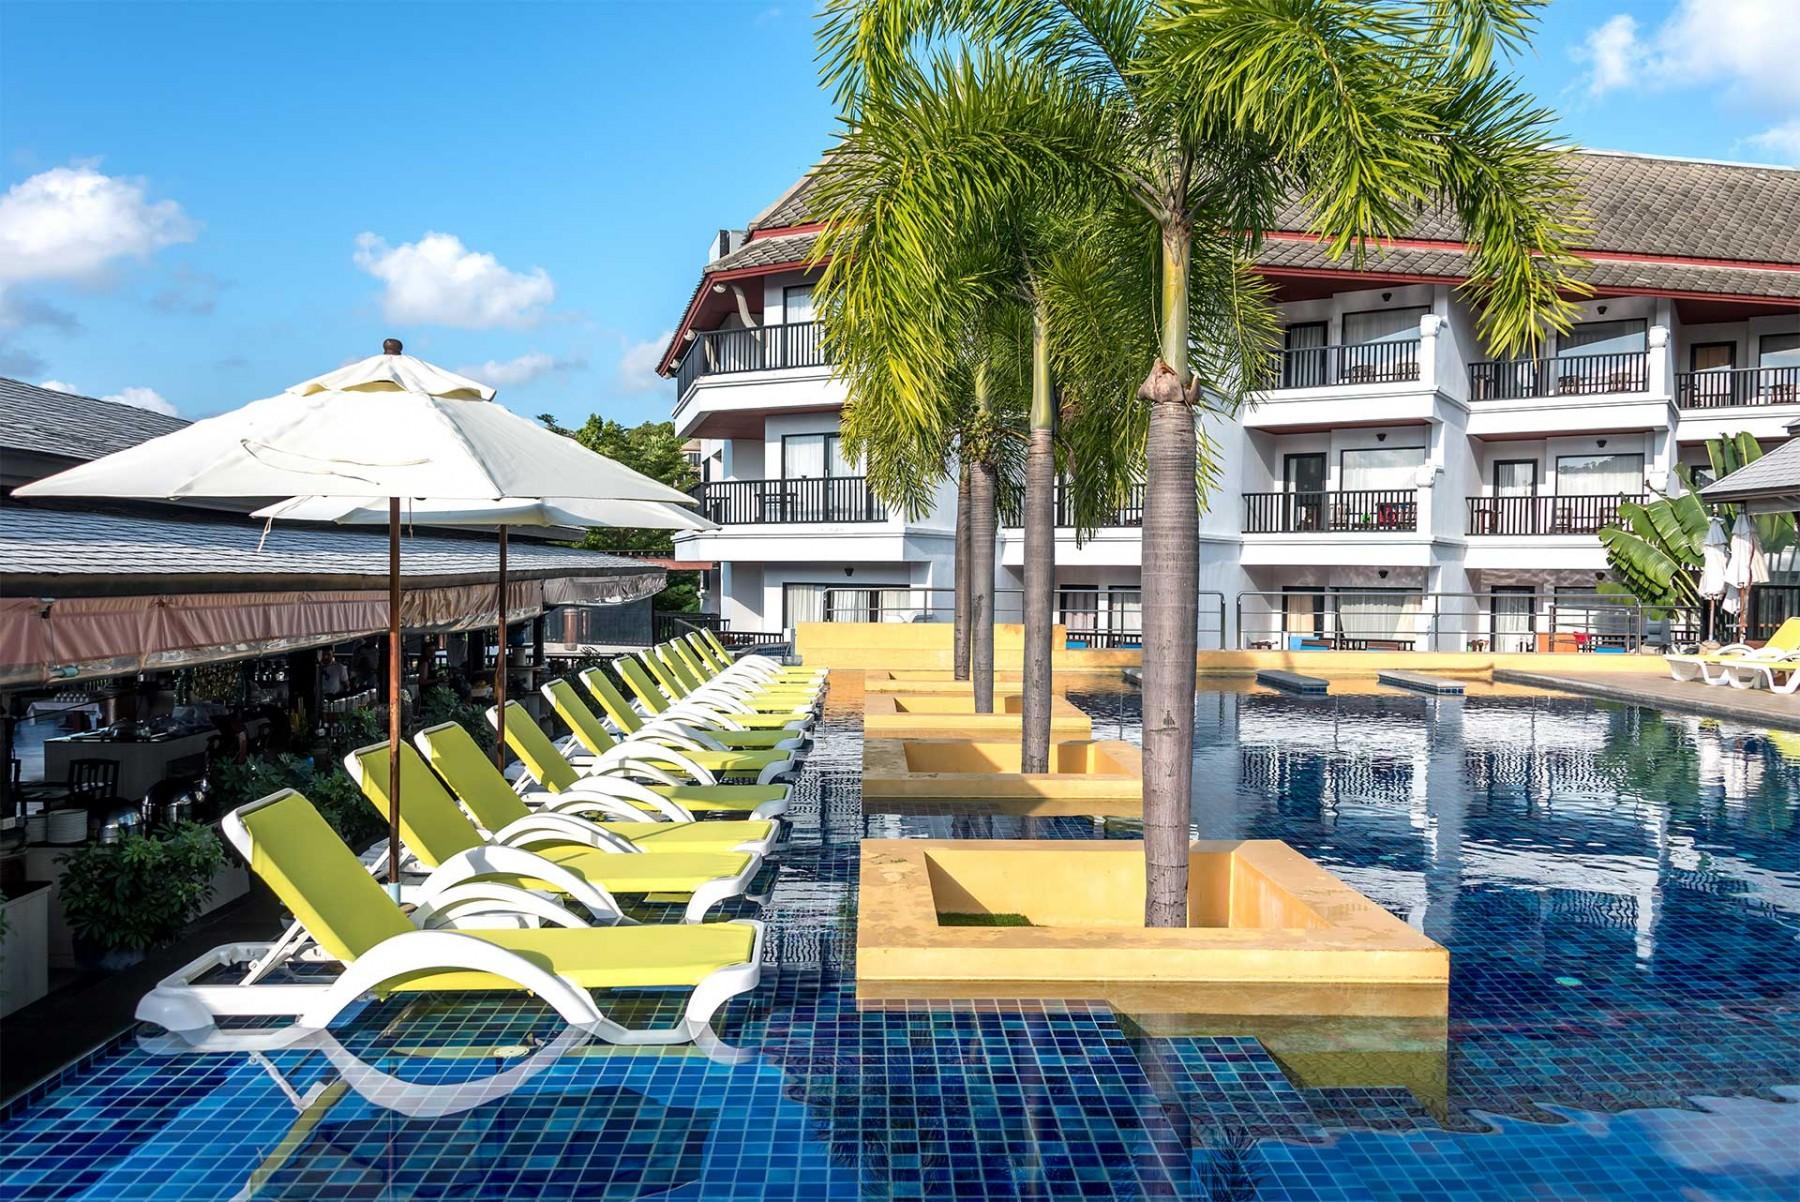 โรงแรม โนโวเทล สมุย รีสอร์ท หาดเฉวง กานดาบุรี